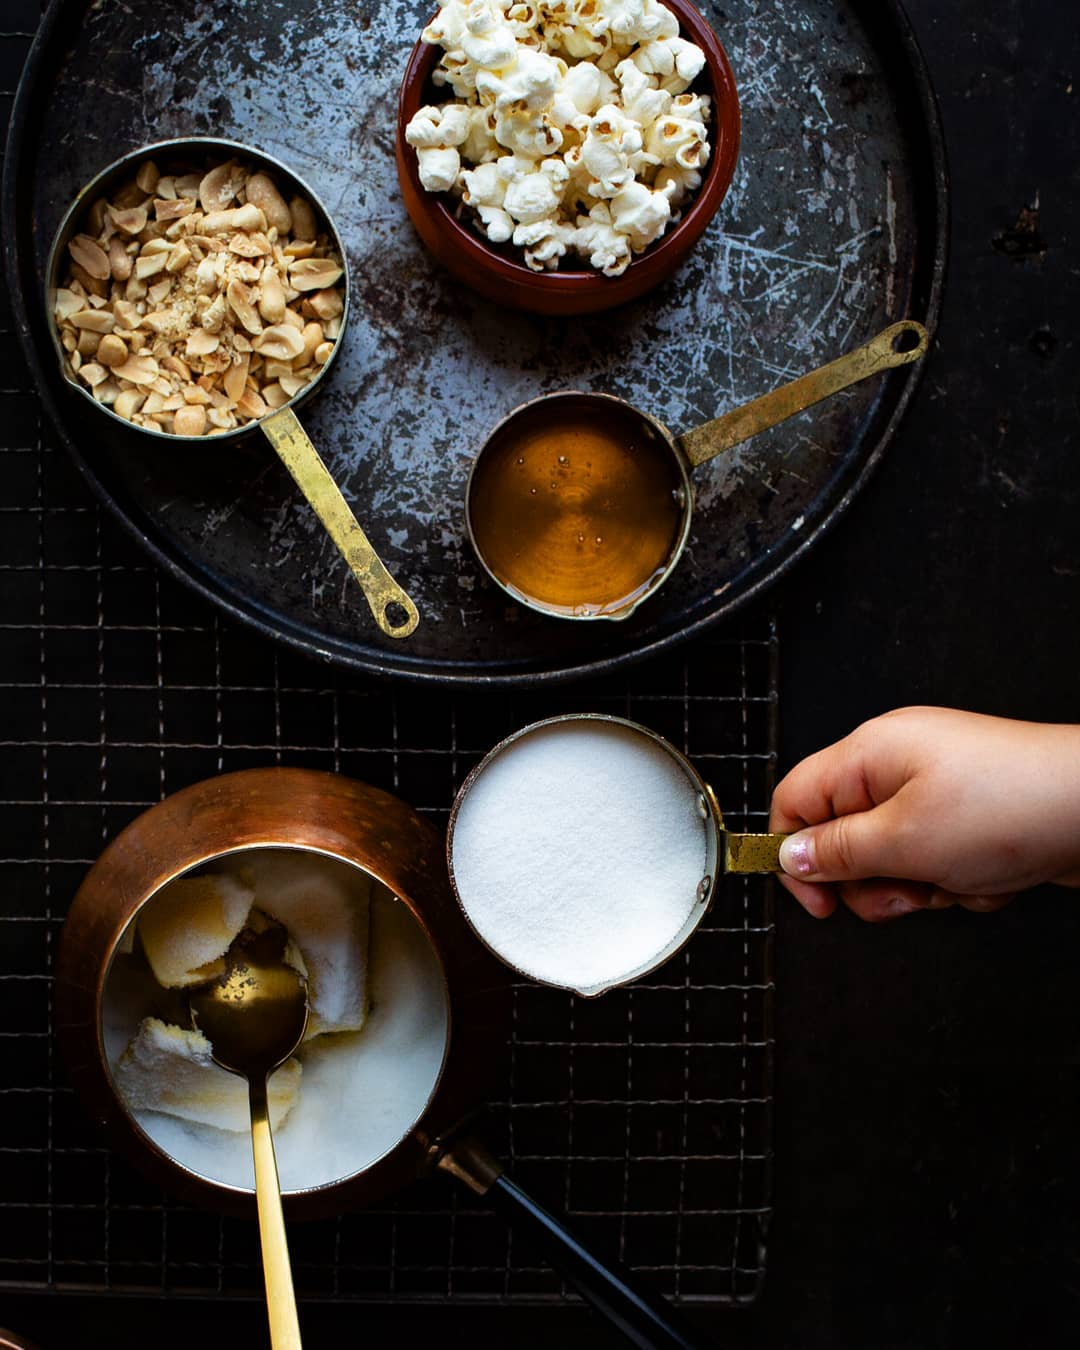 Fazendo ingredientes para pipoca cristalizada